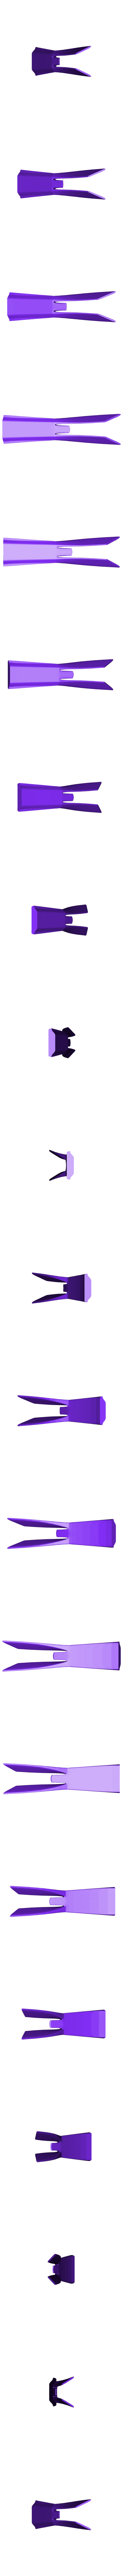 tail.STL Download STL file Futuristic aircraft DIY 3d model • 3D printer object, NewCraft3D